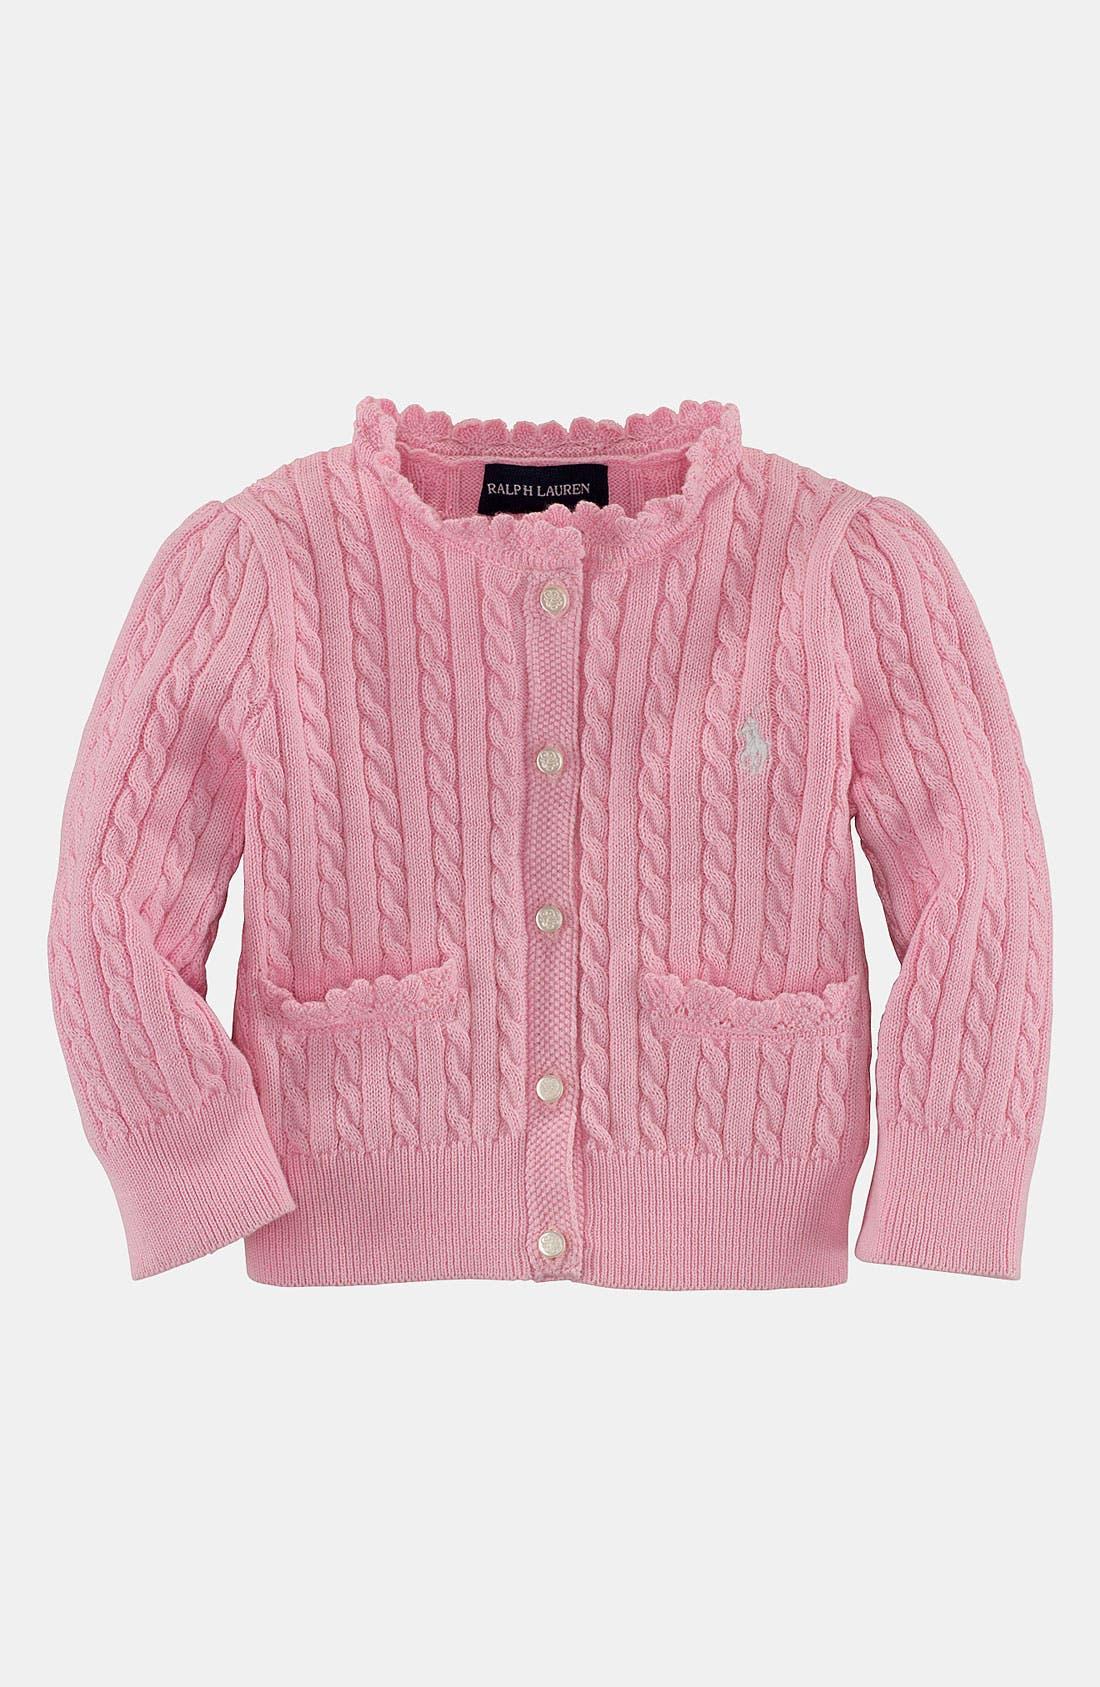 Main Image - Ralph Lauren Cable Knit Cardigan (Infant)